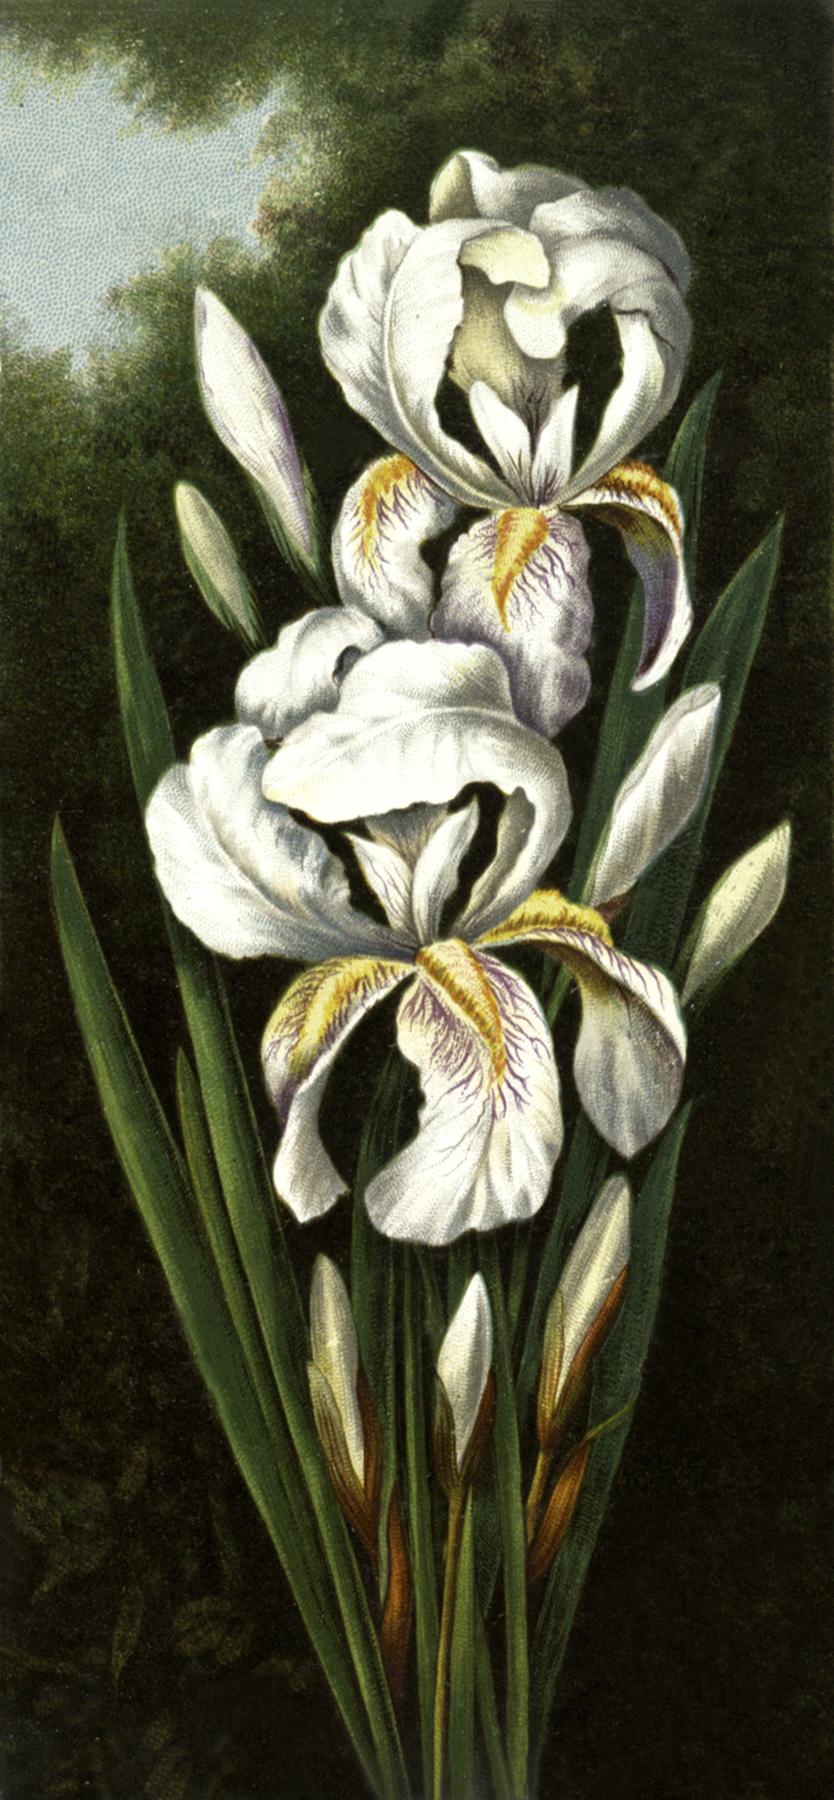 Gorgeous Iris Image